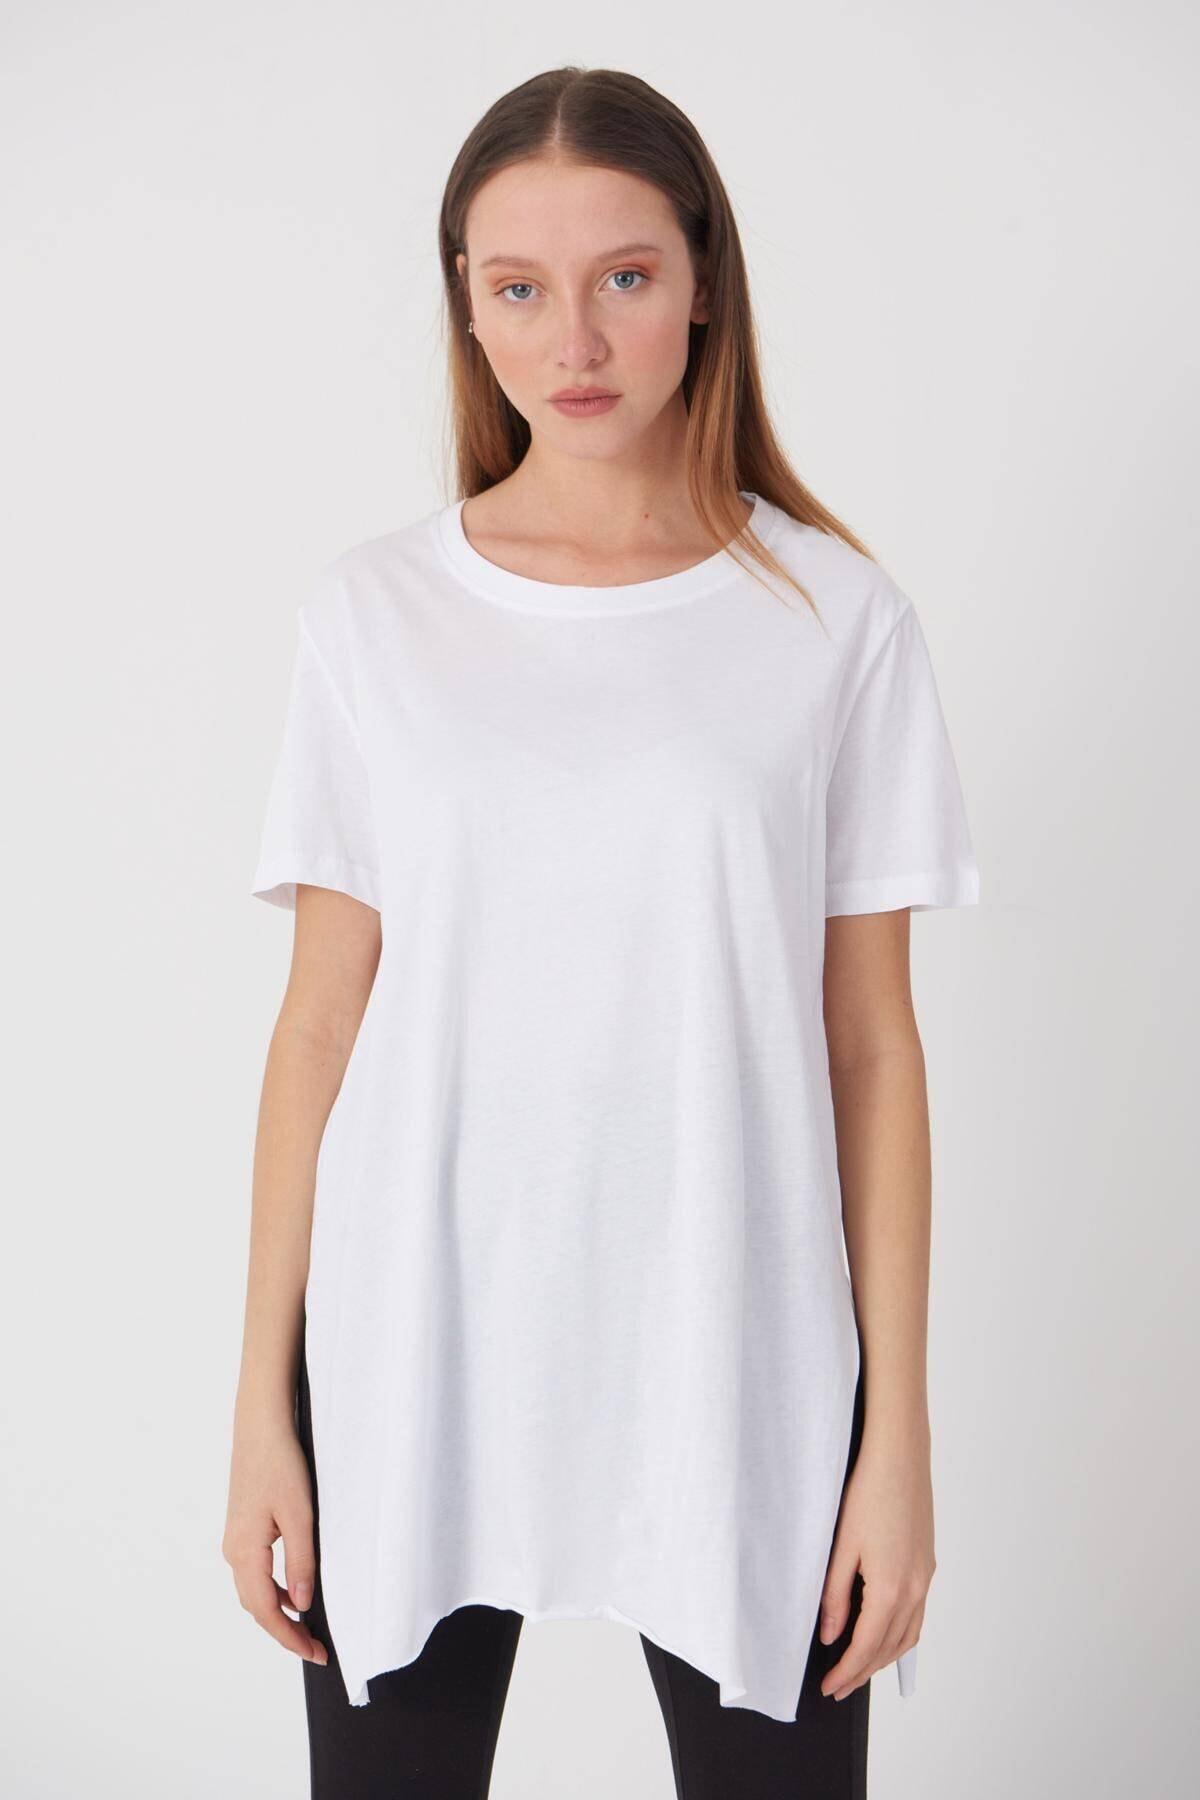 Addax Kadın Beyaz Bisiklet Yaka T-Shirt P0101 - U4 - Z1 Adx-00007204 1